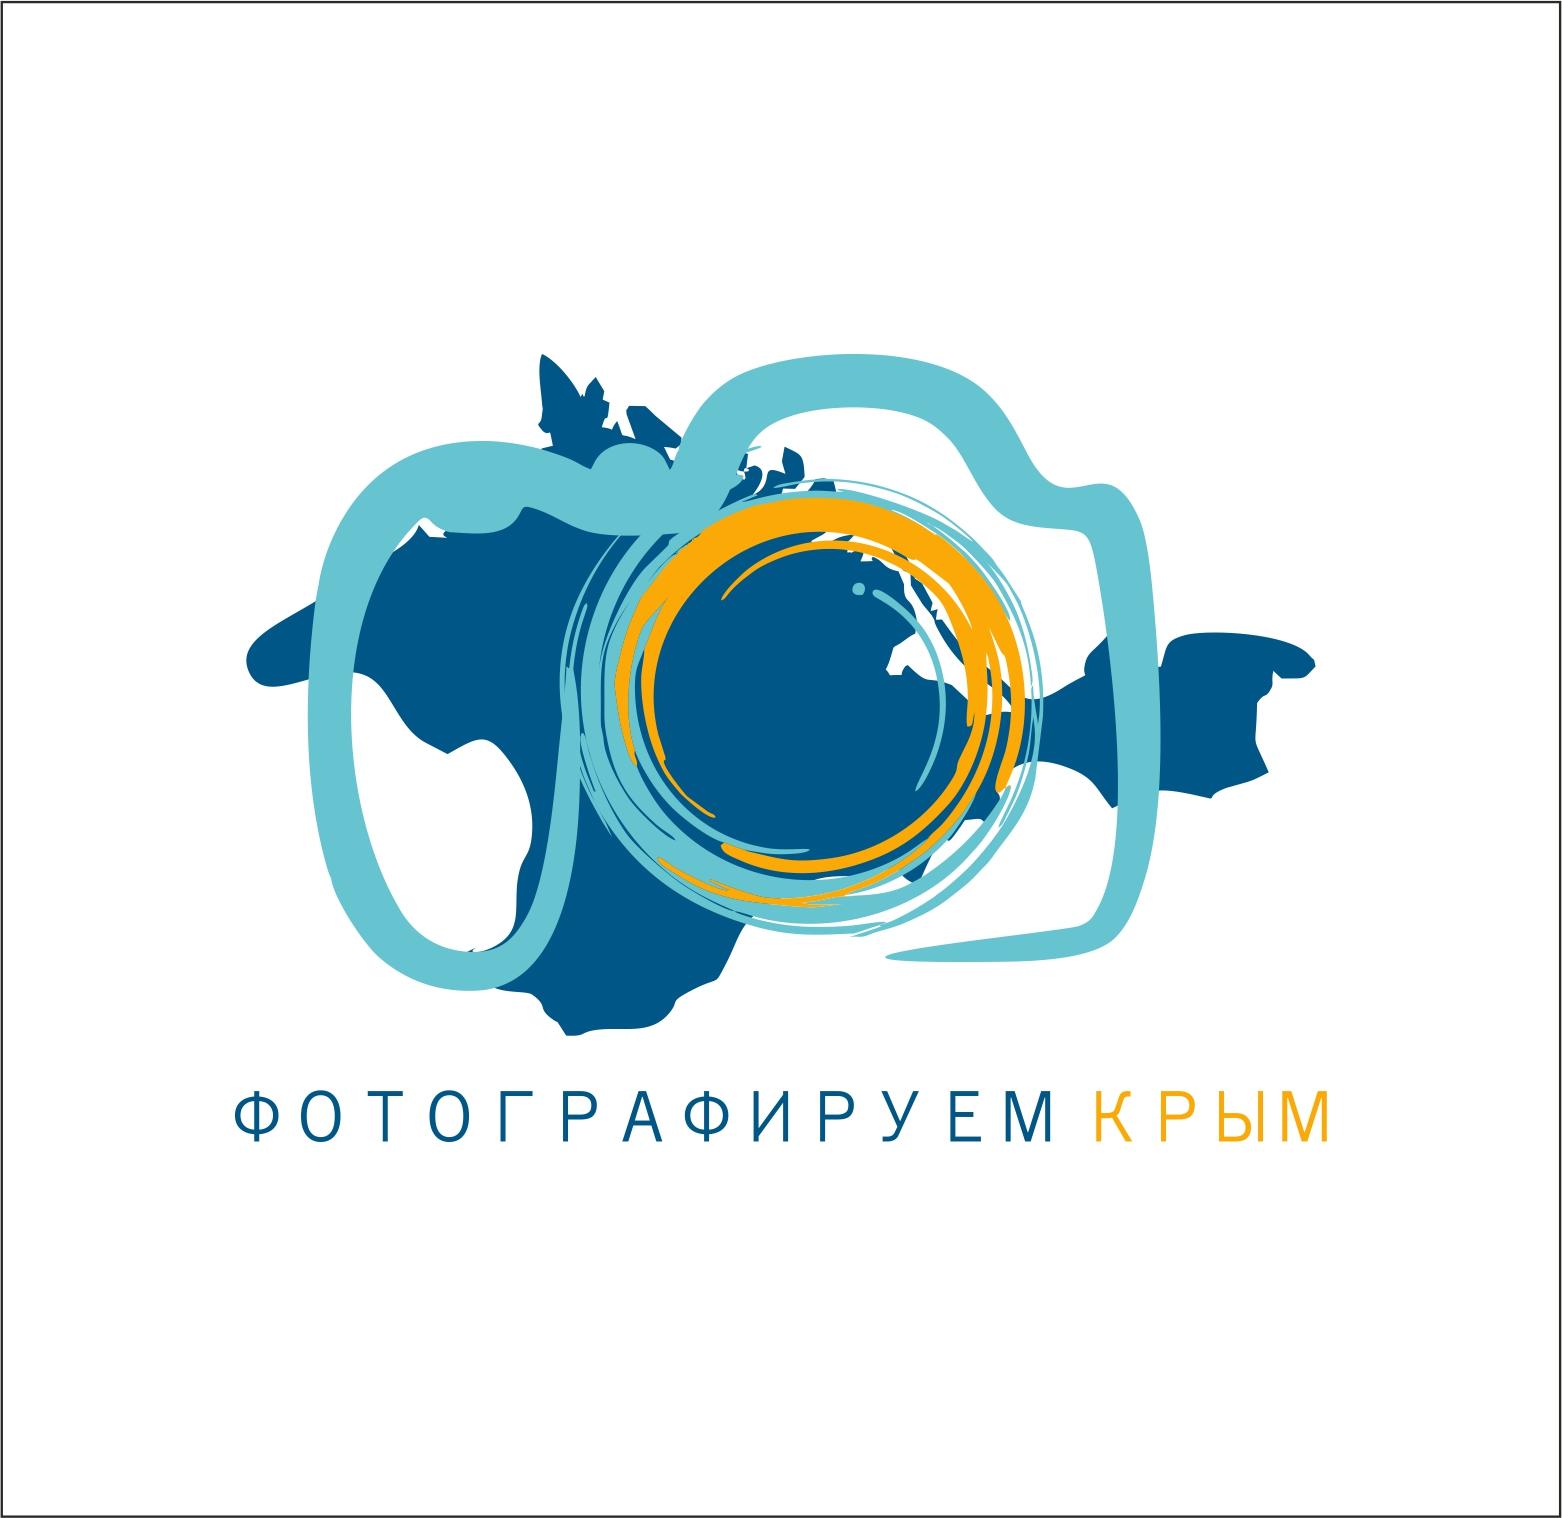 ЛОГОТИП + фирменный стиль фотоконкурса ФОТОГРАФИРУЕМ КРЫМ фото f_2555c0907509ab64.jpg